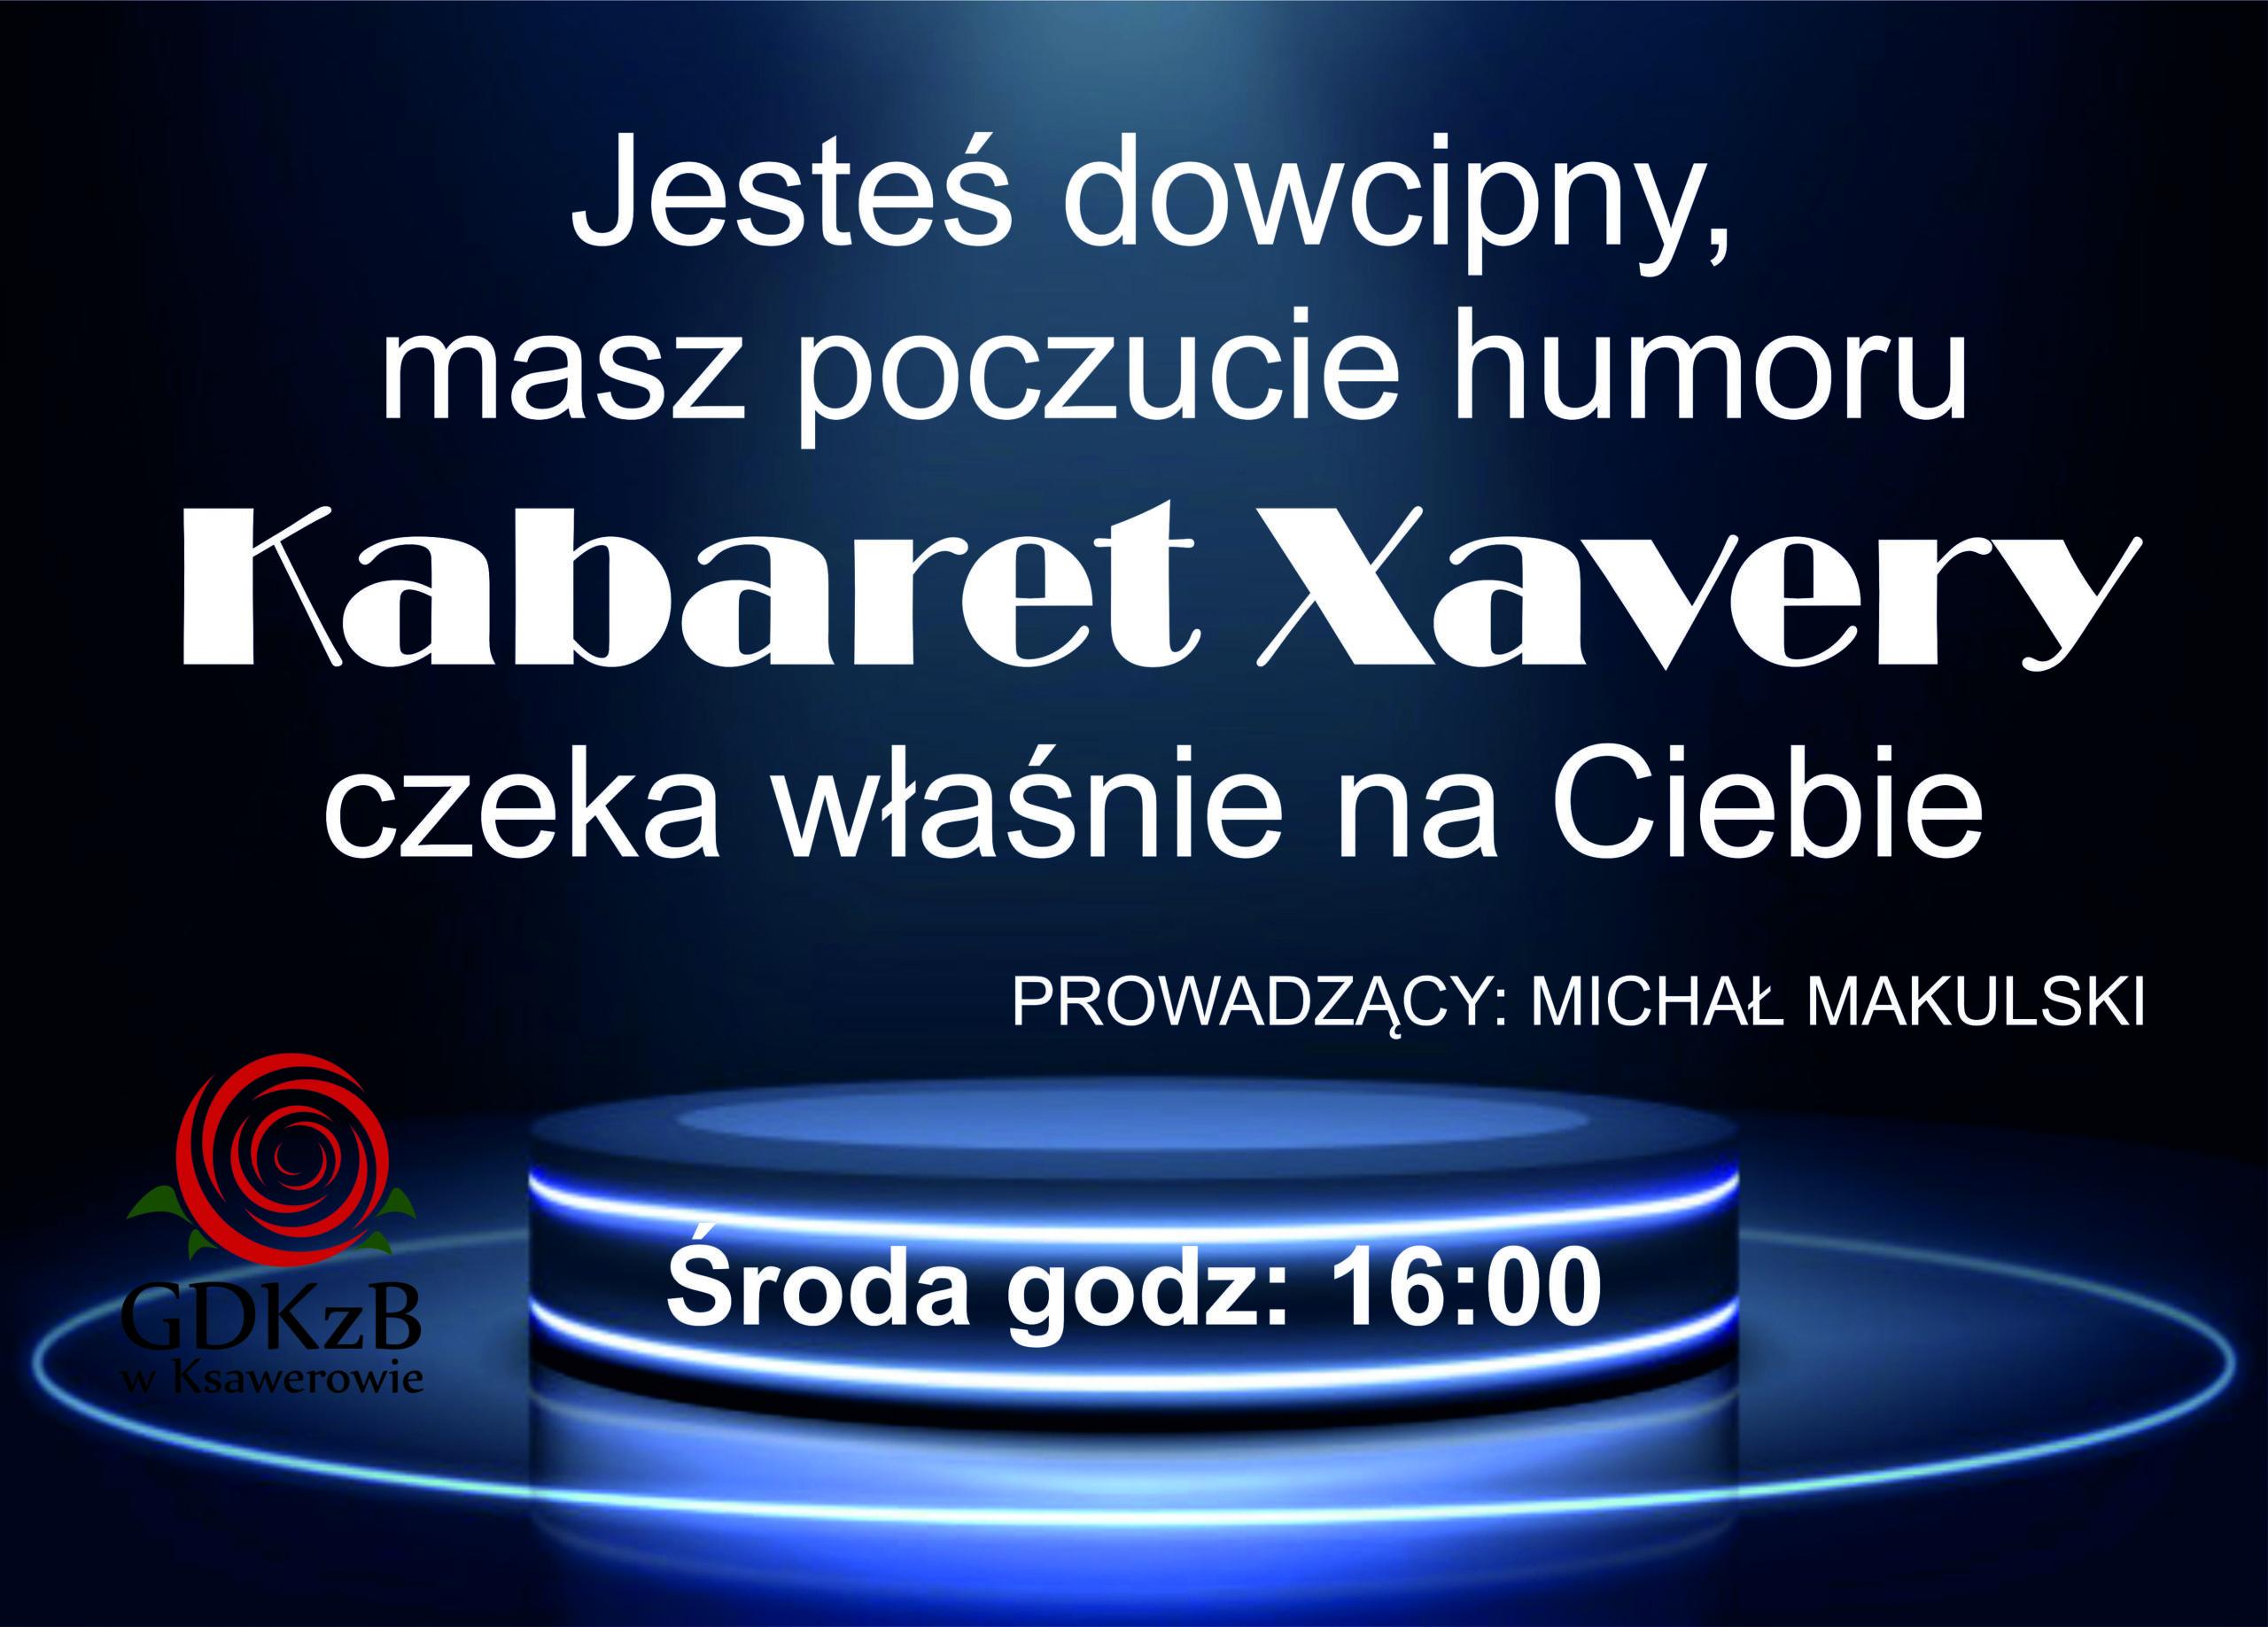 informacja o zapisach do kabaretu Xavery,jeśli jesteś dowcipny, masz poczucie humoru kabaret xavery jest dla ciebie, prowadzący Michał Makulski